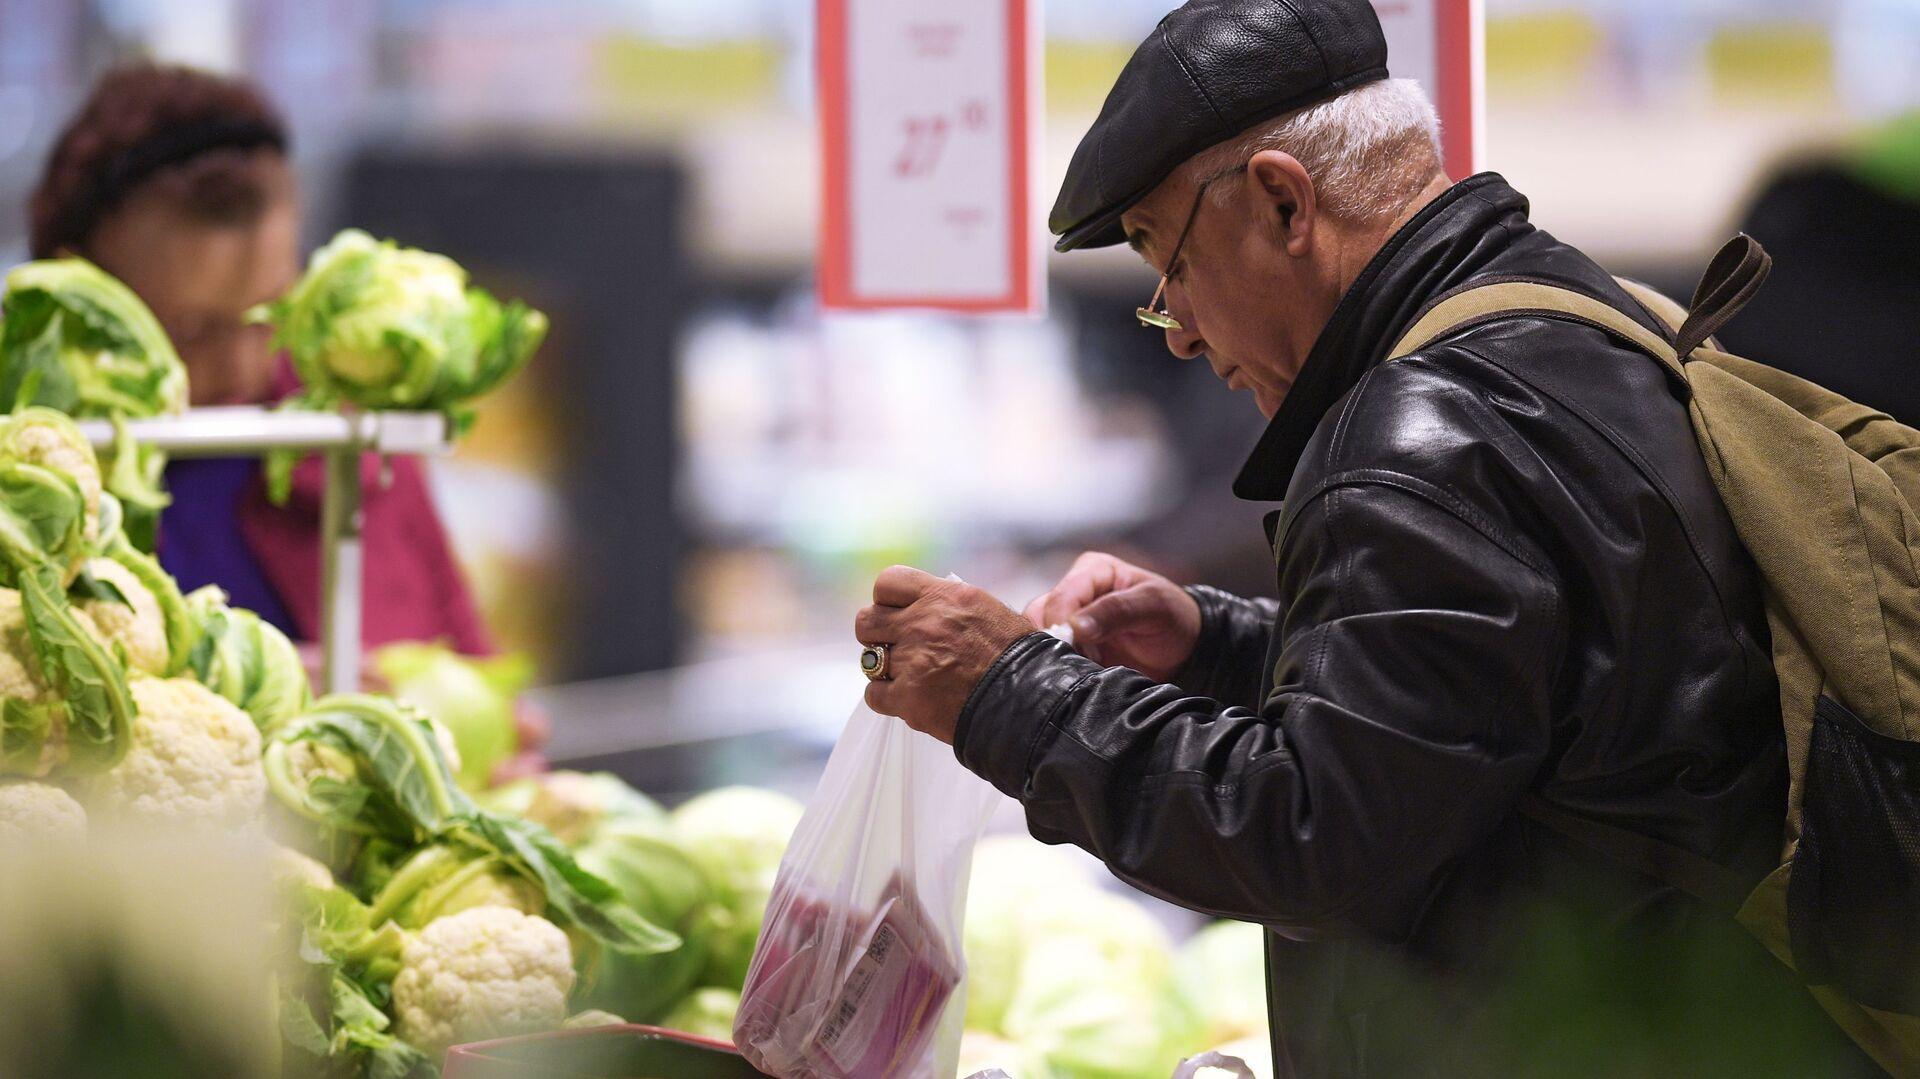 Посетитель овощного отдела в супермаркете - Sputnik Армения, 1920, 31.07.2021